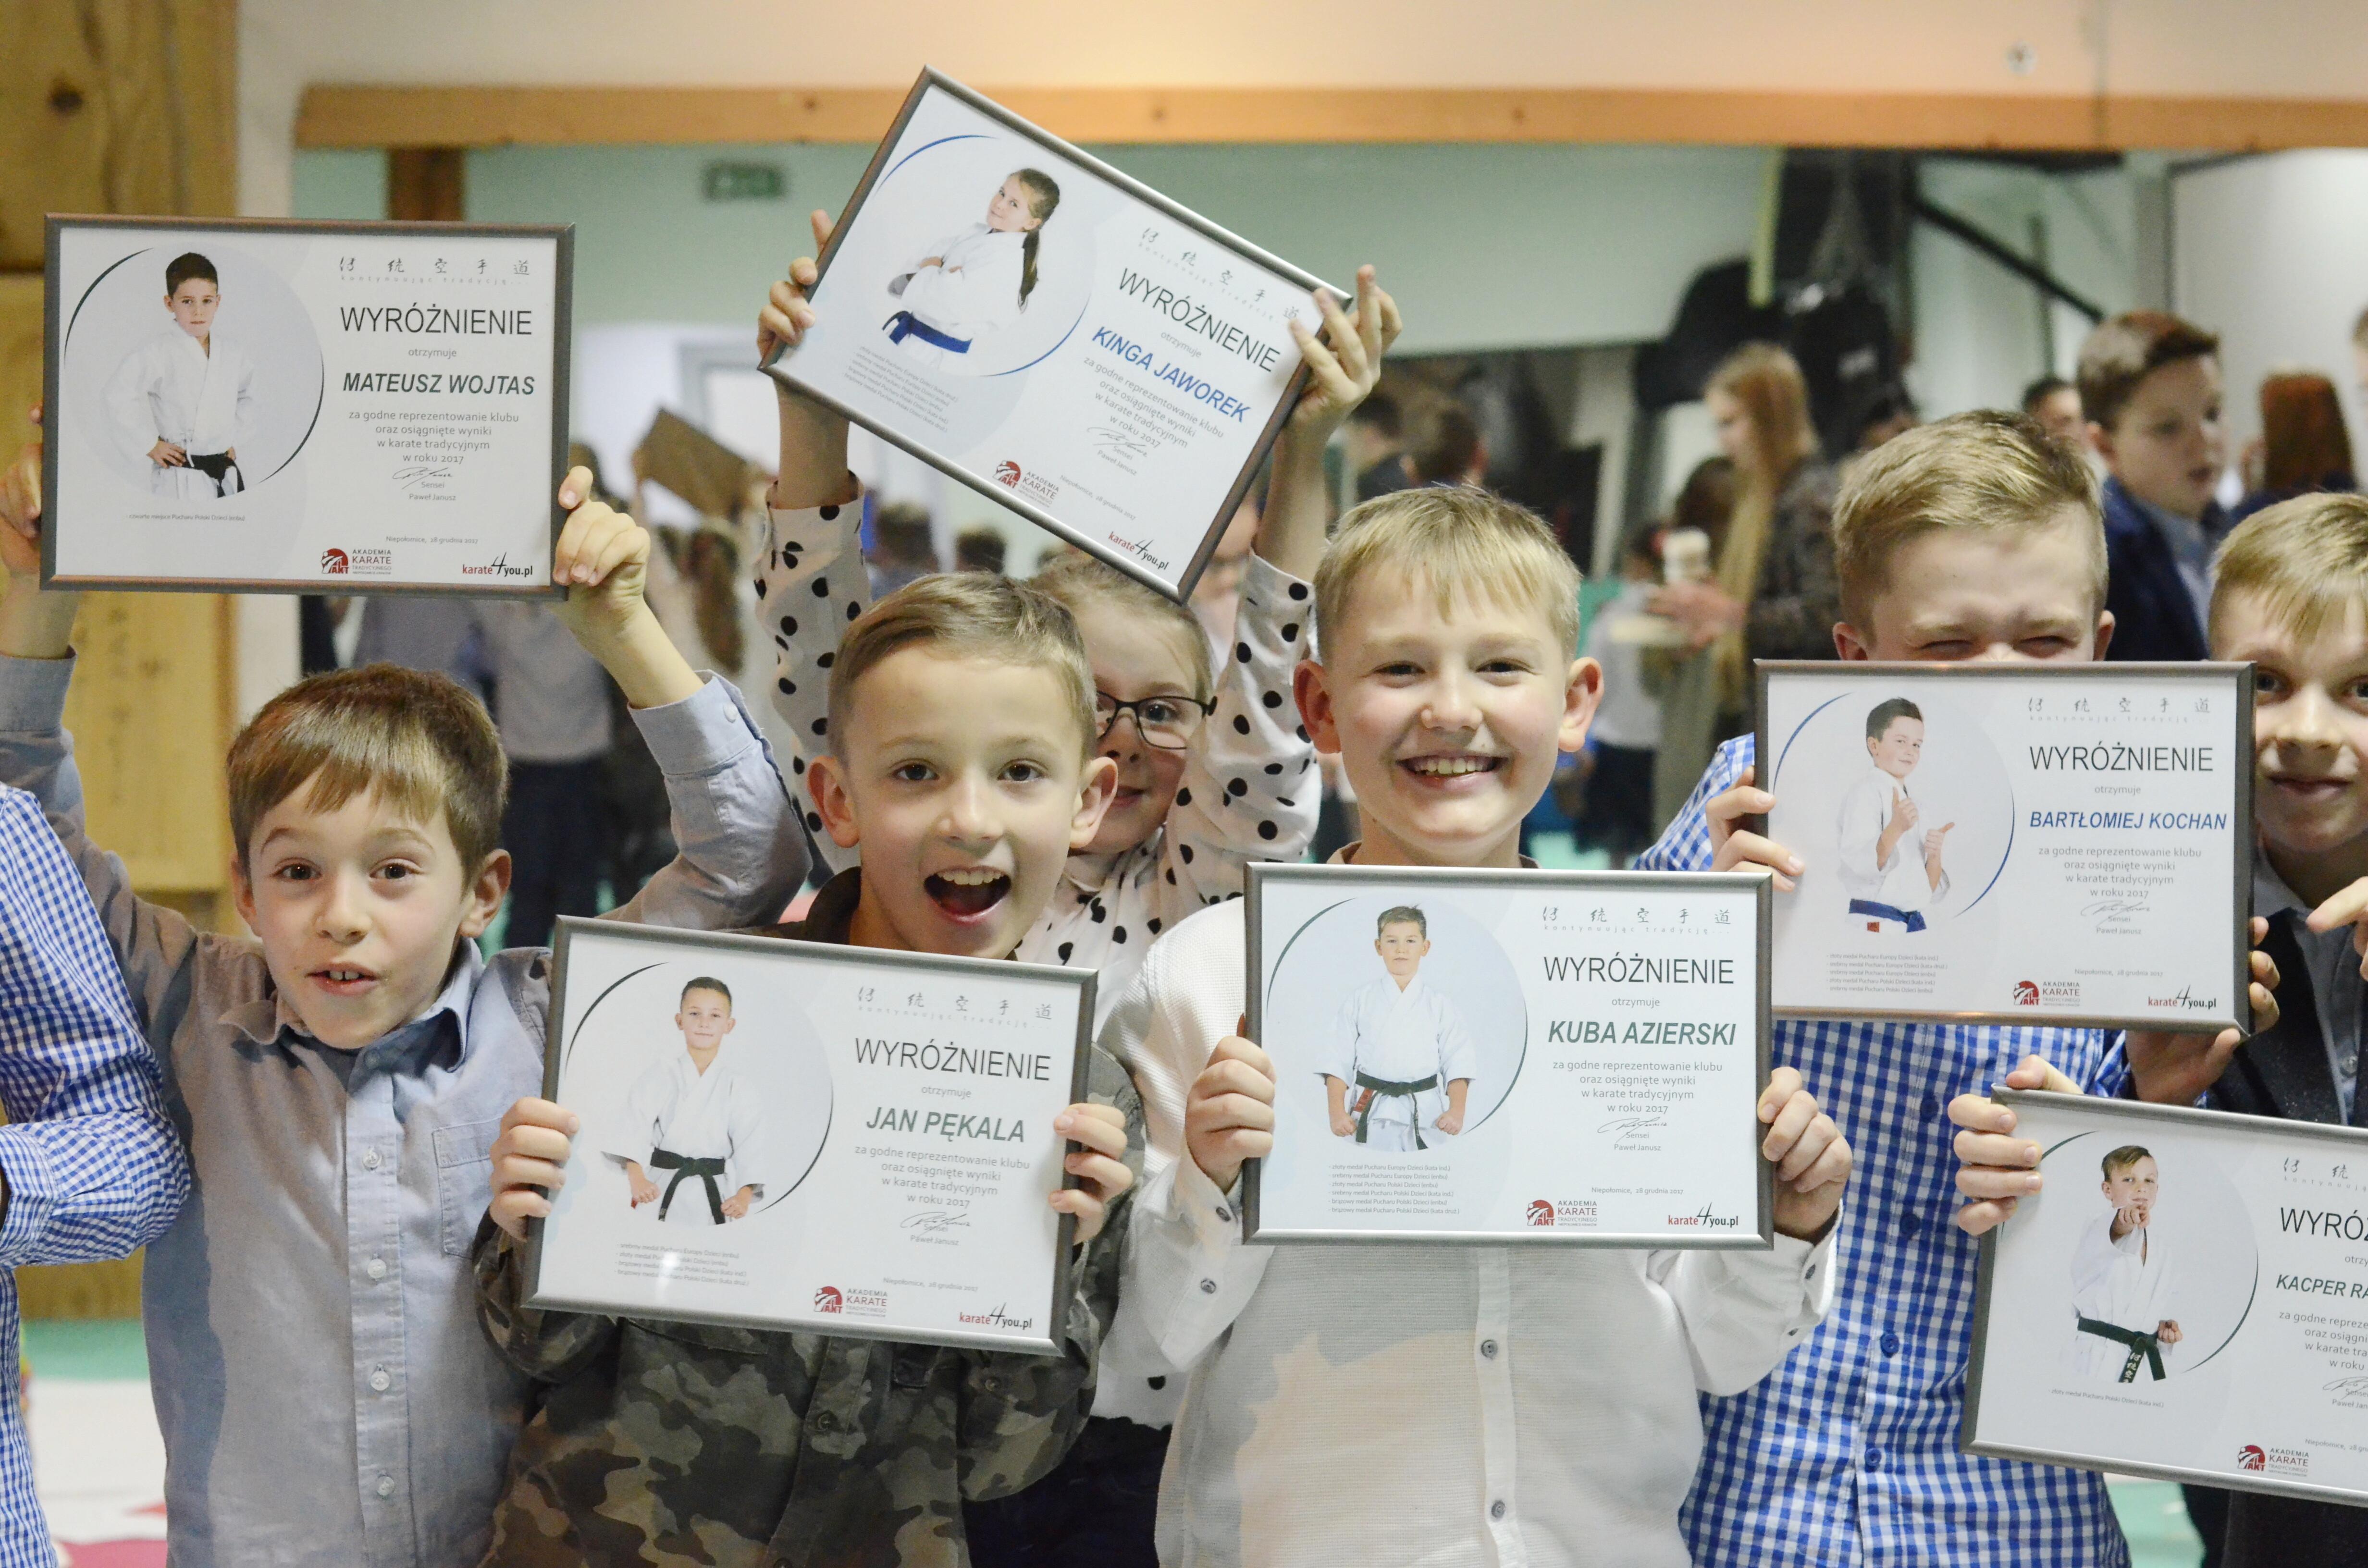 <p>Blisko 100 karateków spędziło noc w niepołomickiej Akademii z czwartku na piątek 28/29 grudnia. Wydarzeniu towarzyszyła uroczystość wręczania wyróżnień za osiągnięcia sportowe w 2017 roku, a także moc innych atrakcji: trening, zabawa, dyskoteka, oglądanie filmów. </p>